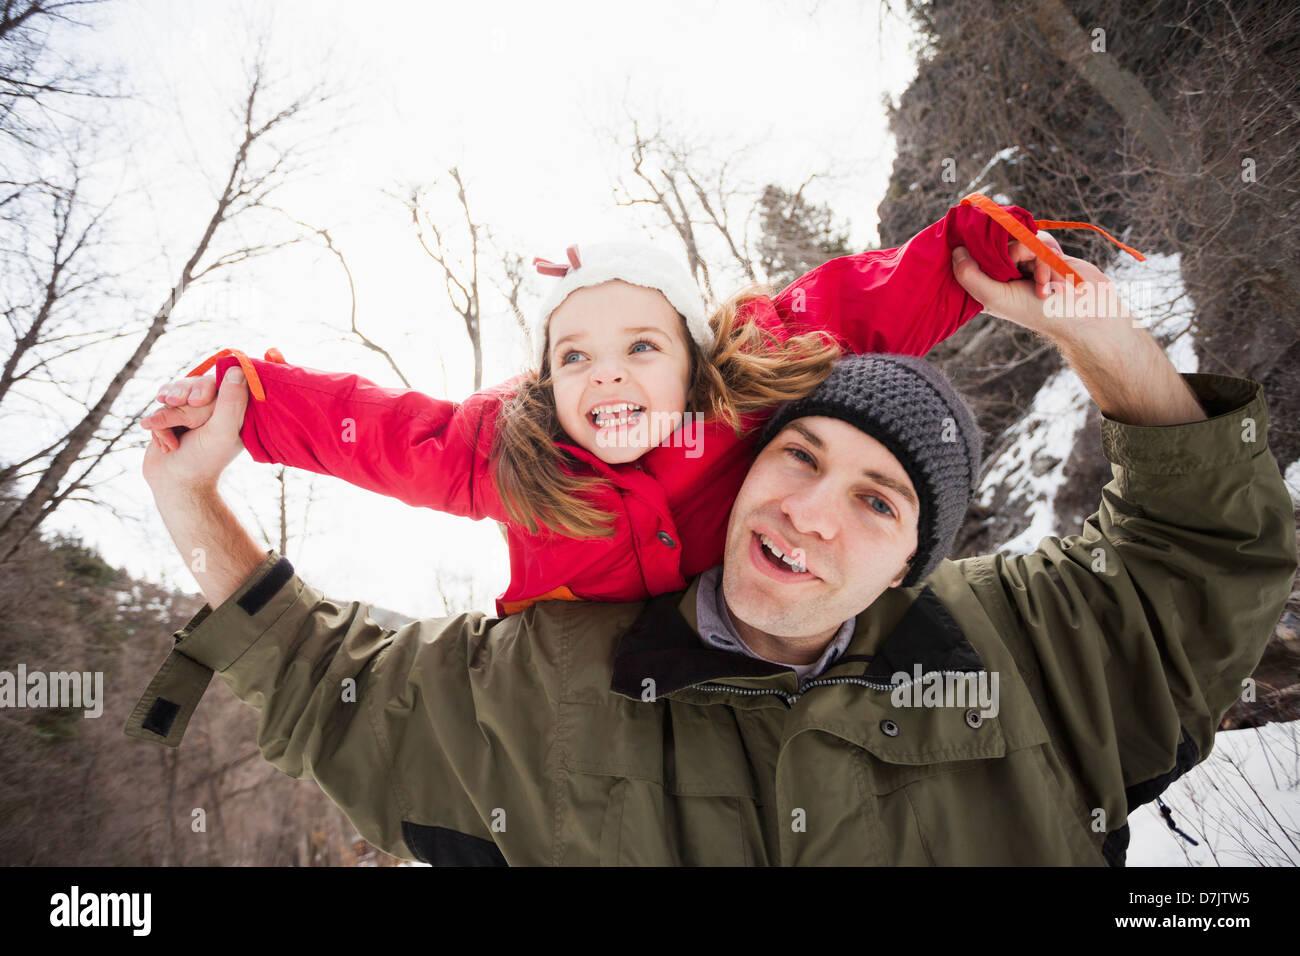 Stati Uniti d'America, Utah, Highland, Ritratto di giovane uomo che porta la ragazza (2-3) sulle spalle Immagini Stock